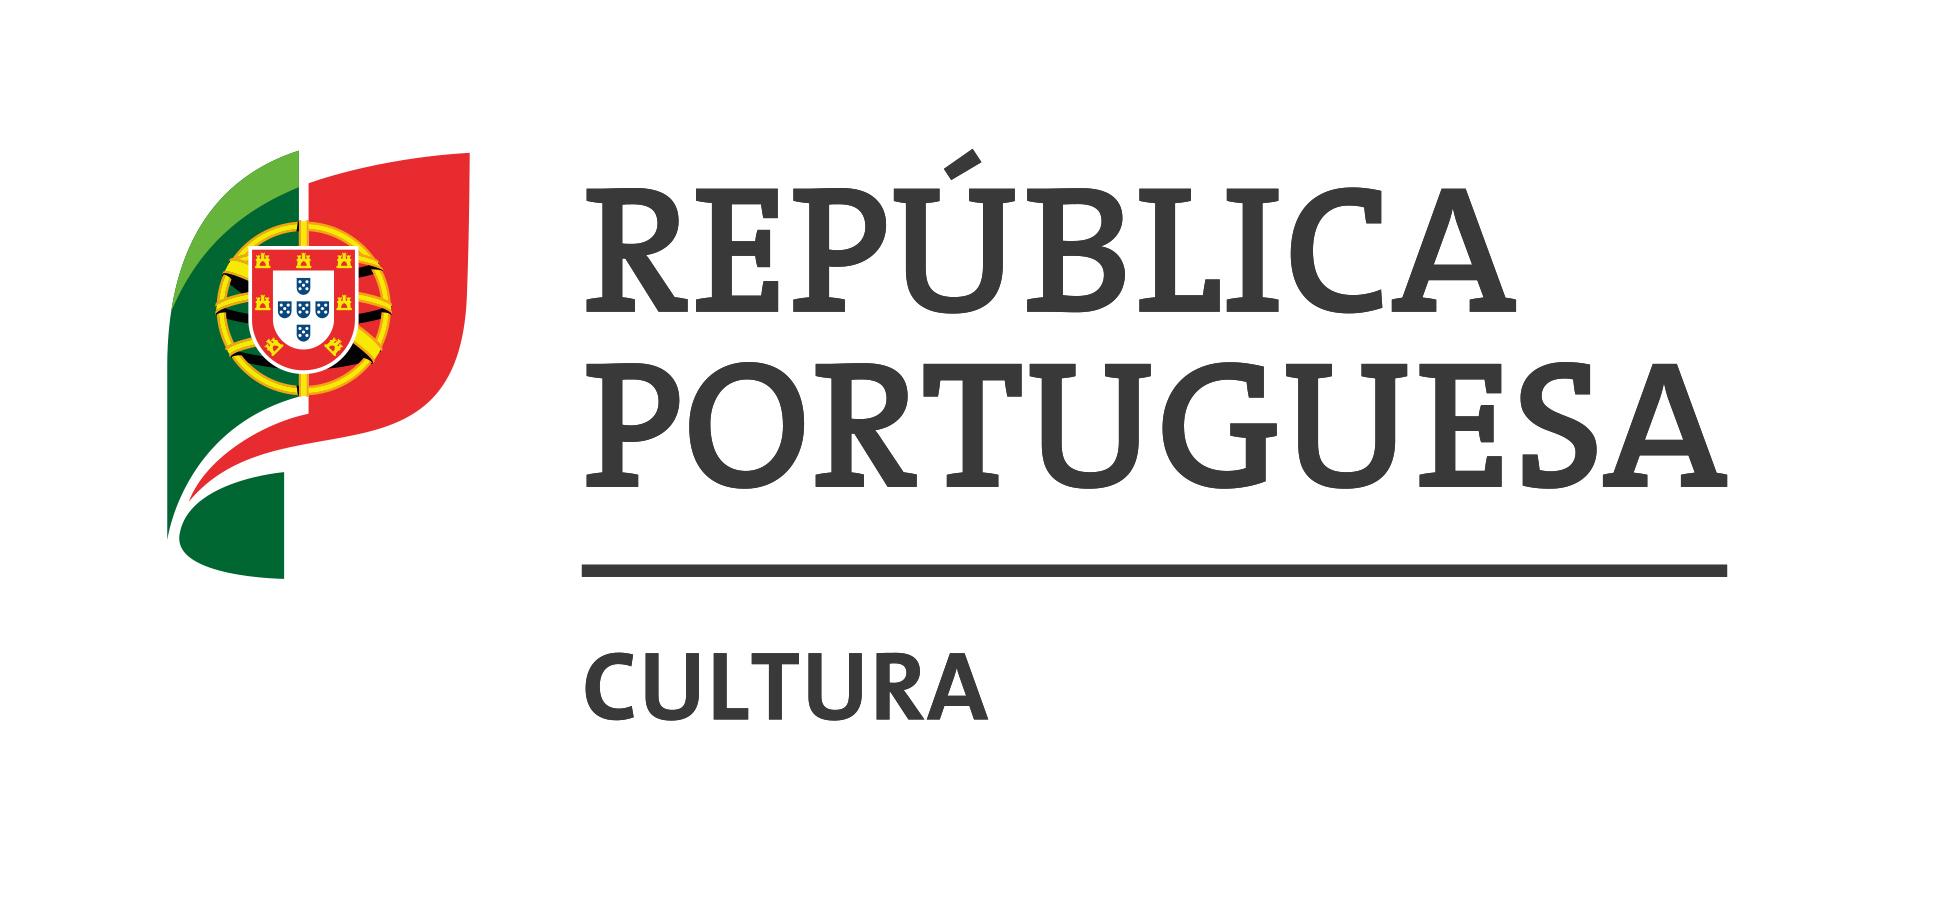 2018-09-03-Logo-7-PT_cultura.jpg?mtime=20181012103053#asset:25530